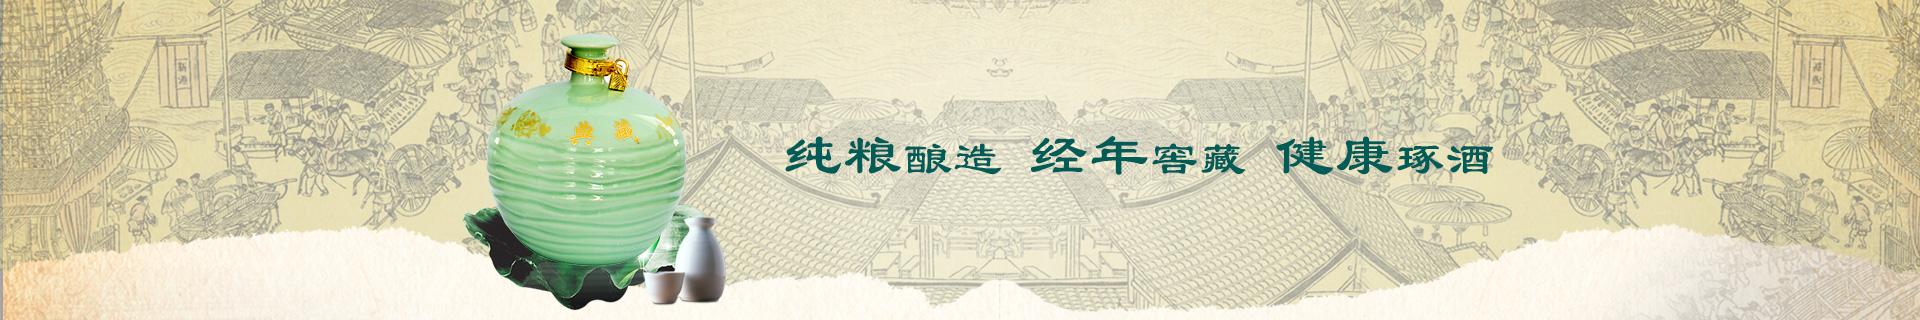 纯粮酿造,经年窖藏,健康乐虎体育直播官网下载